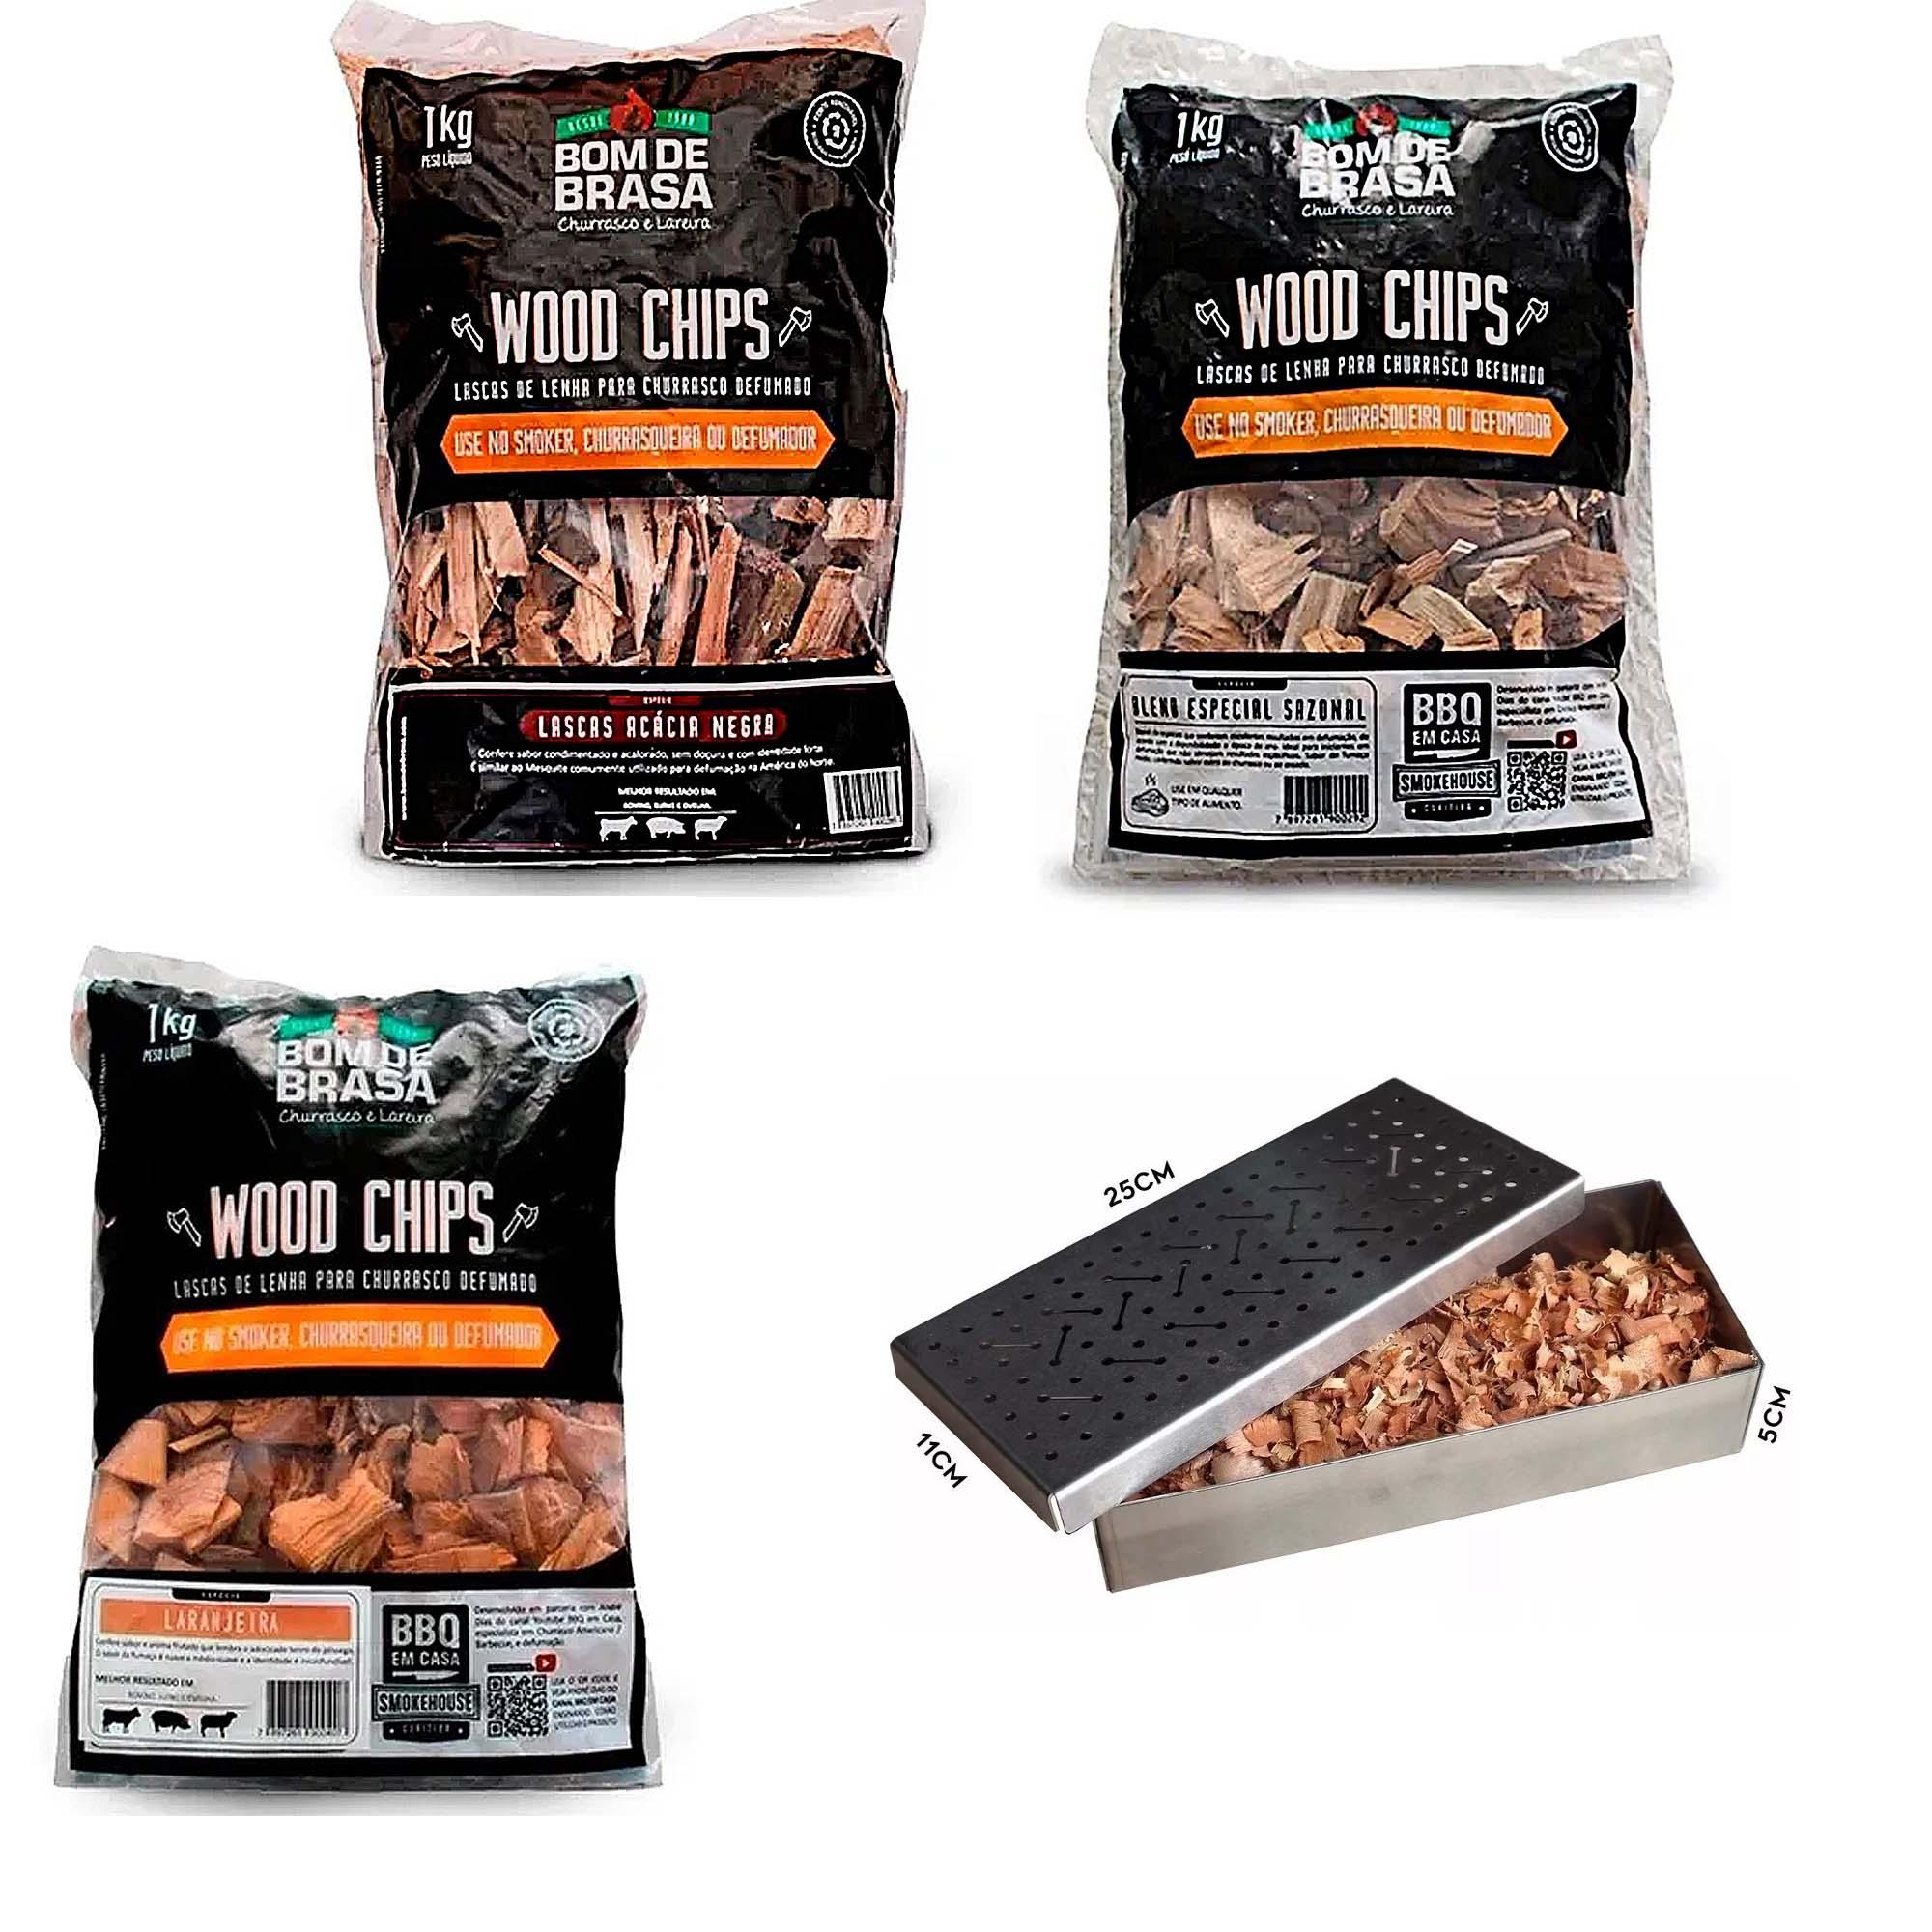 Lascas De Lenha Para Defumação Wood Chips 1kg + Smoker em Inox